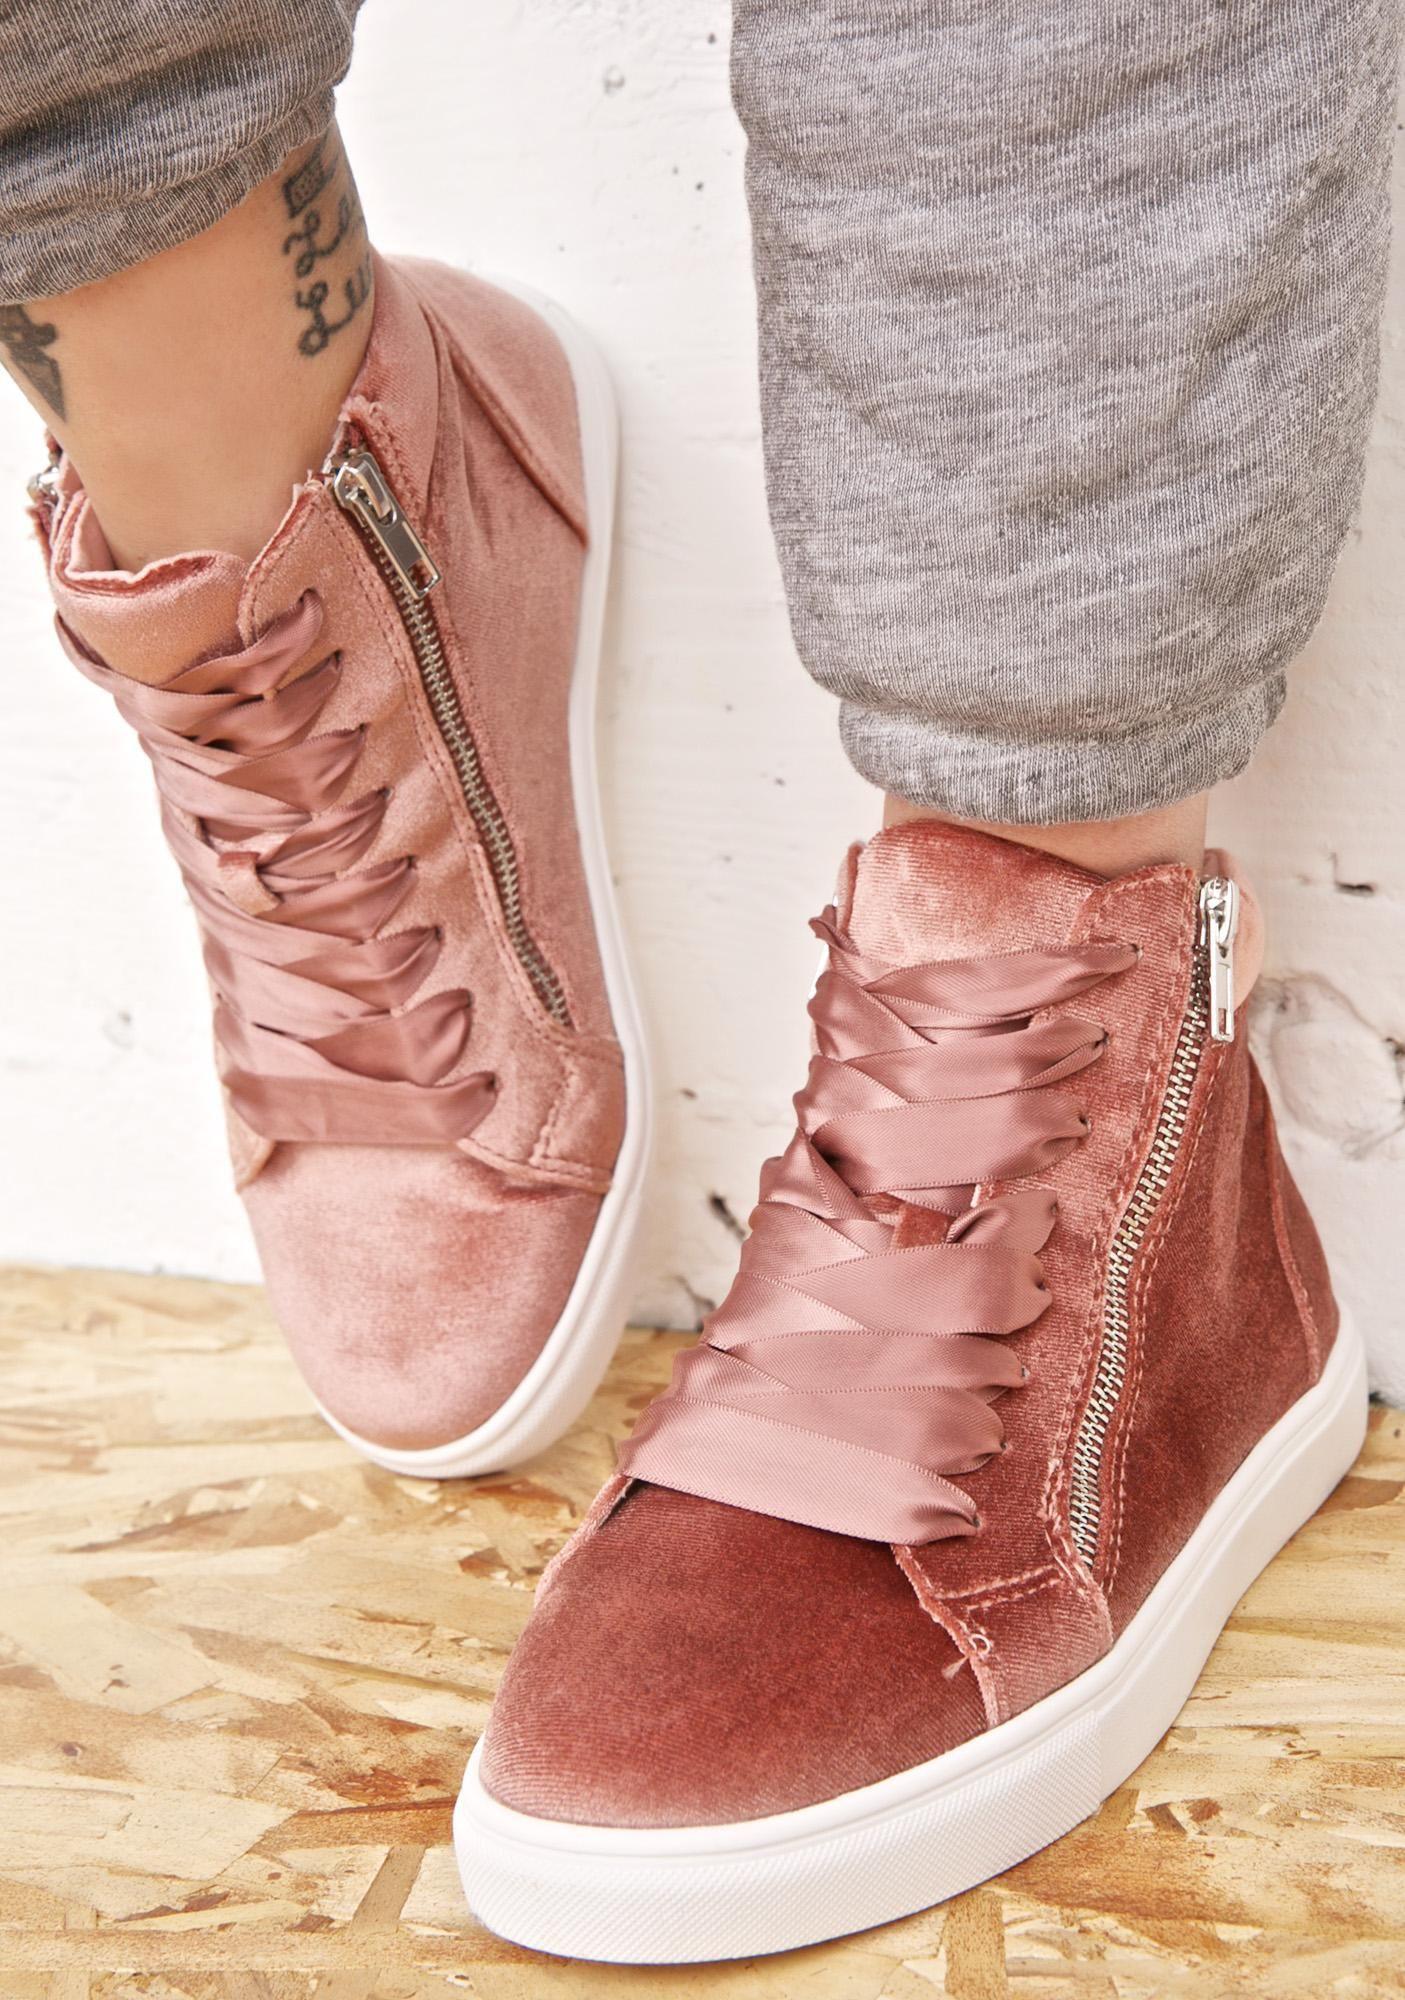 Arrastrarse crema estrecho  Steve Madden Earnst Velvet Sneakers   Velvet sneakers, Velvet shoes outfit,  Velvet shoes